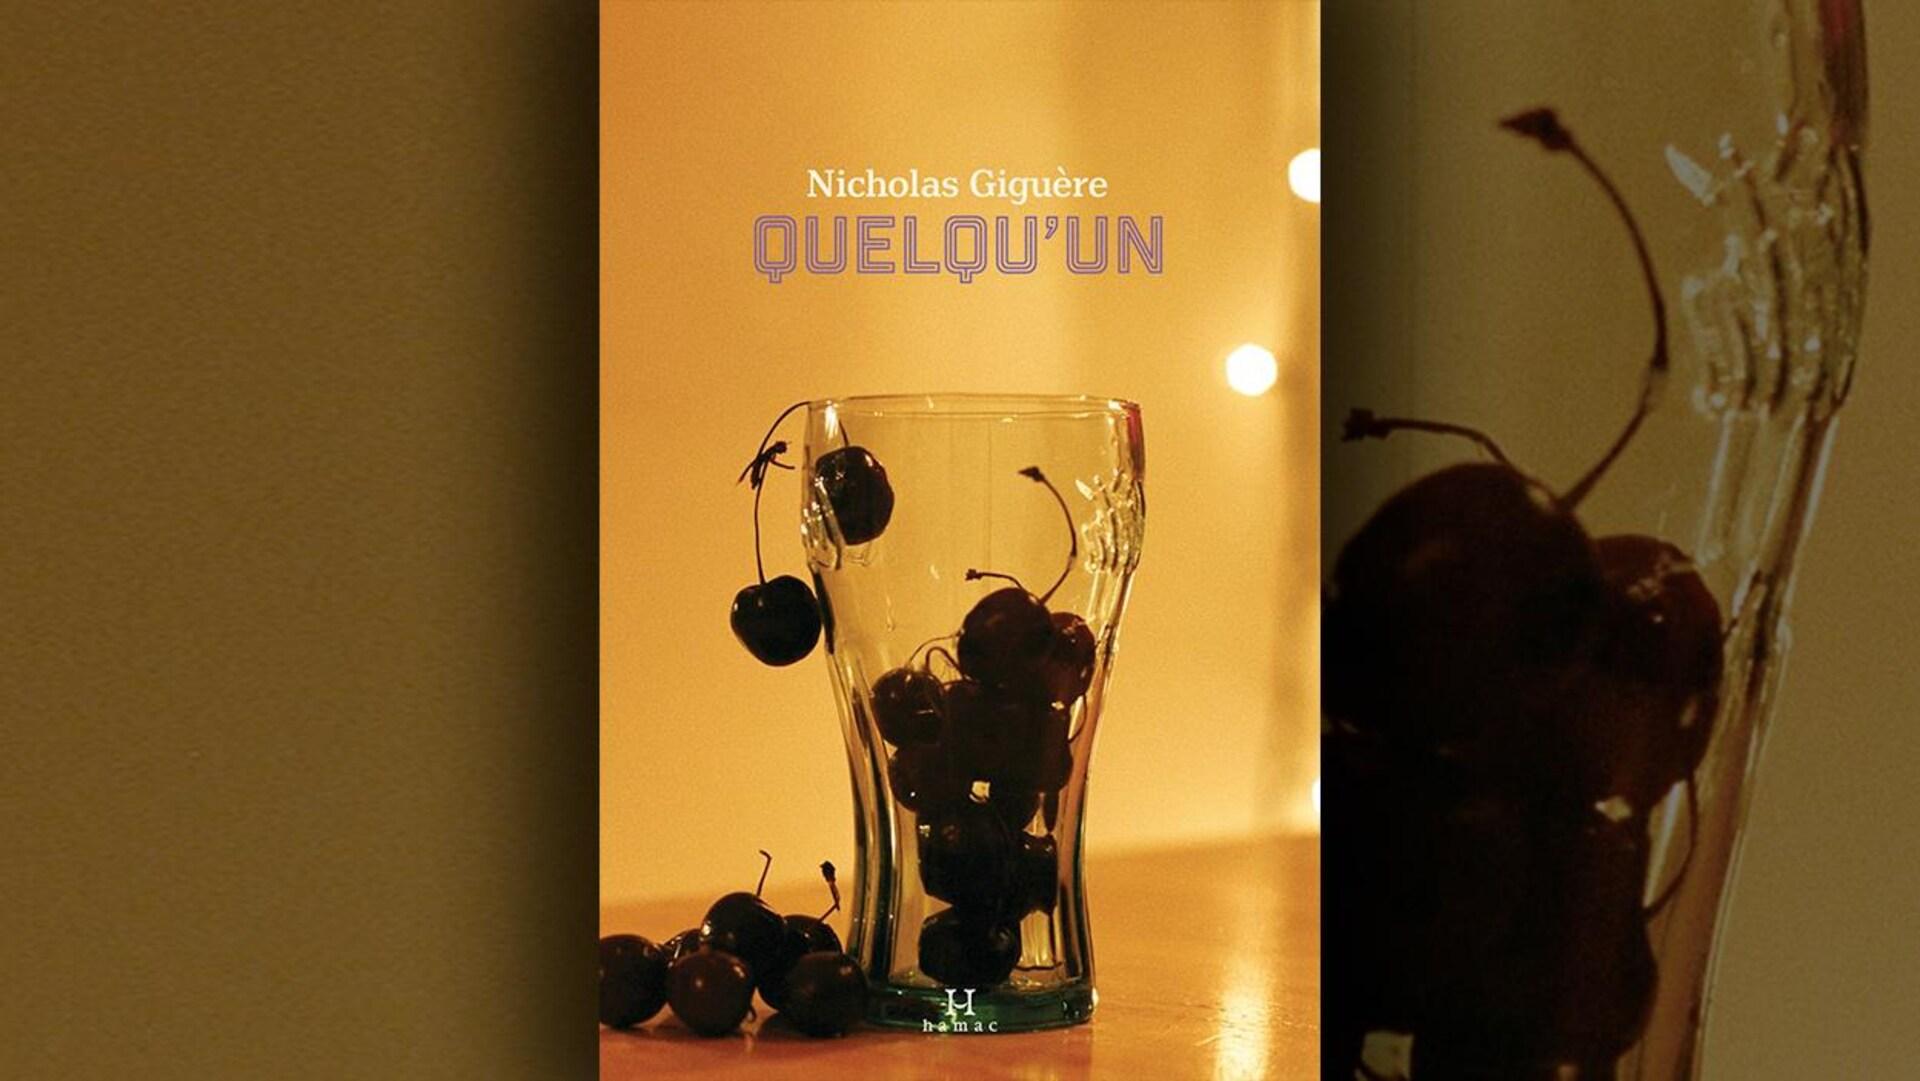 La couverture du livre «Quelqu'un» de Nicholas Giguère présente un verre vide rempli de cerises, avec quelques cerises posées à côté.